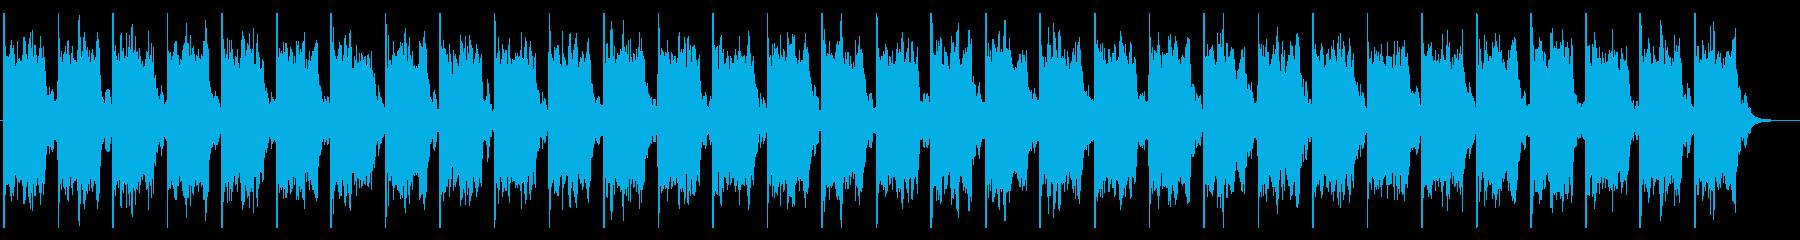 コソコソしている様子のエレクトロニックの再生済みの波形